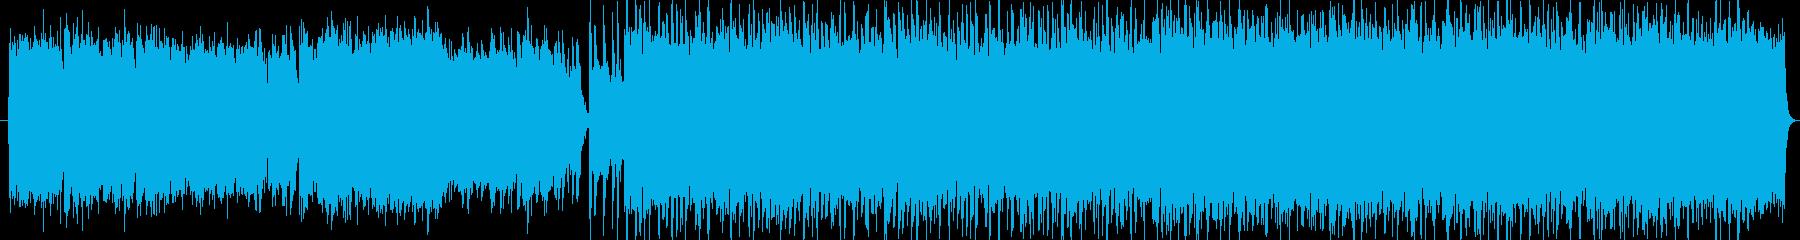 ピアノから始まるロックサウンドの再生済みの波形